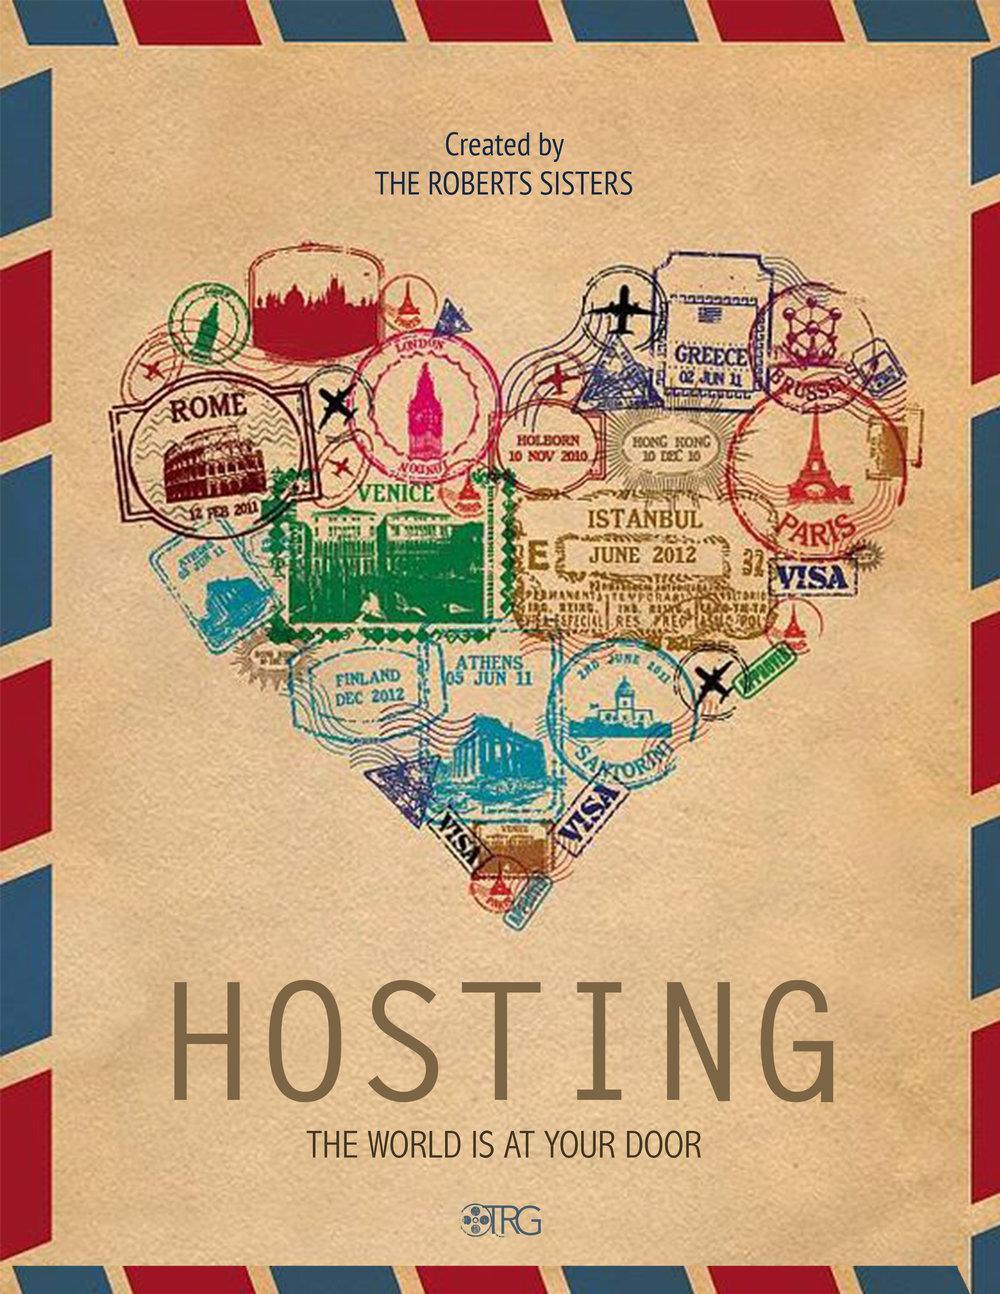 Hosting01.jpg